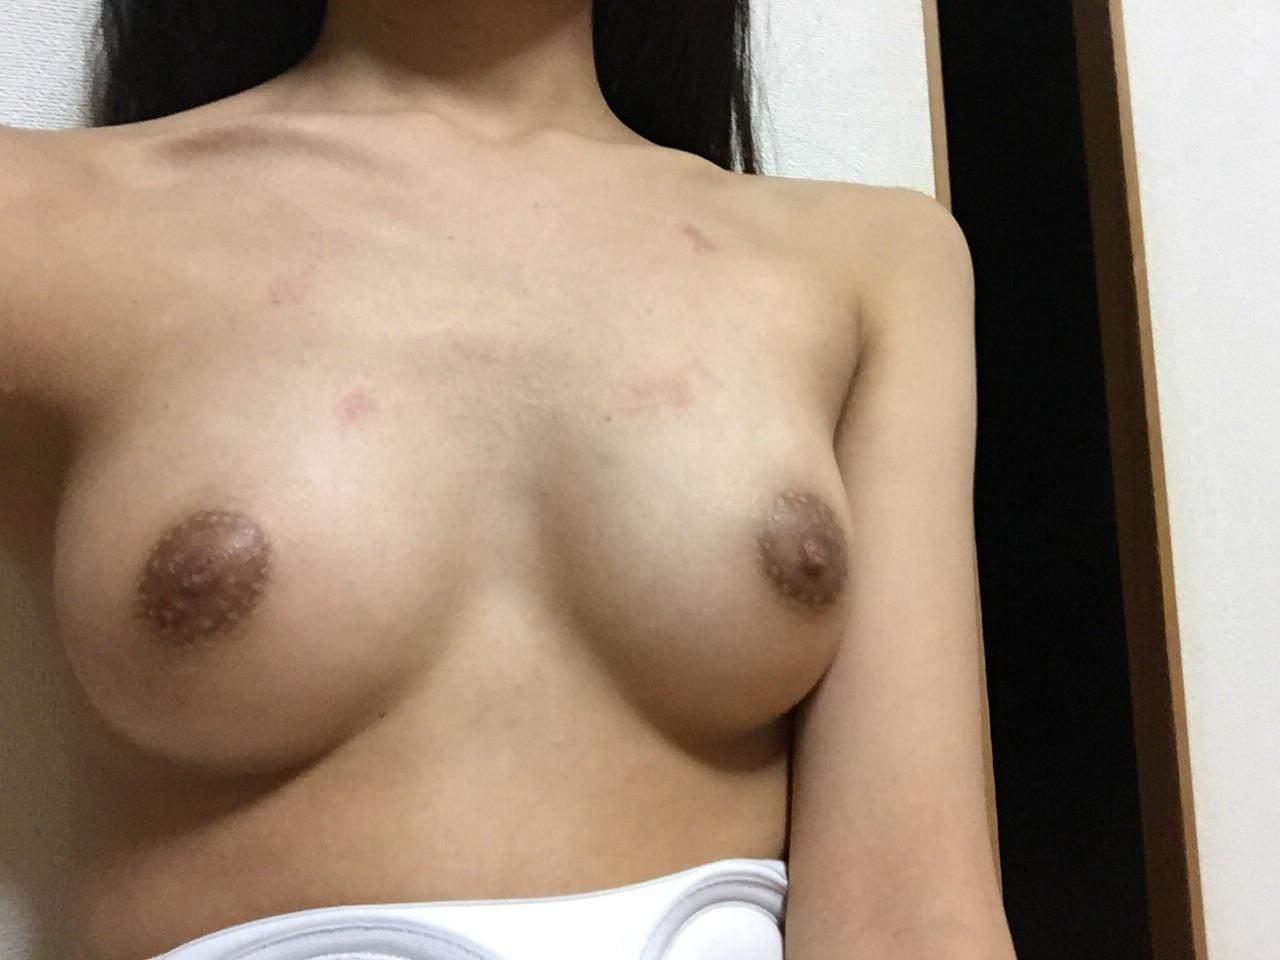 【童貞注意】セックスしまくりの俺が彼女のおっぱいにキスマーク付けたエロ写メ投稿wwww 21183